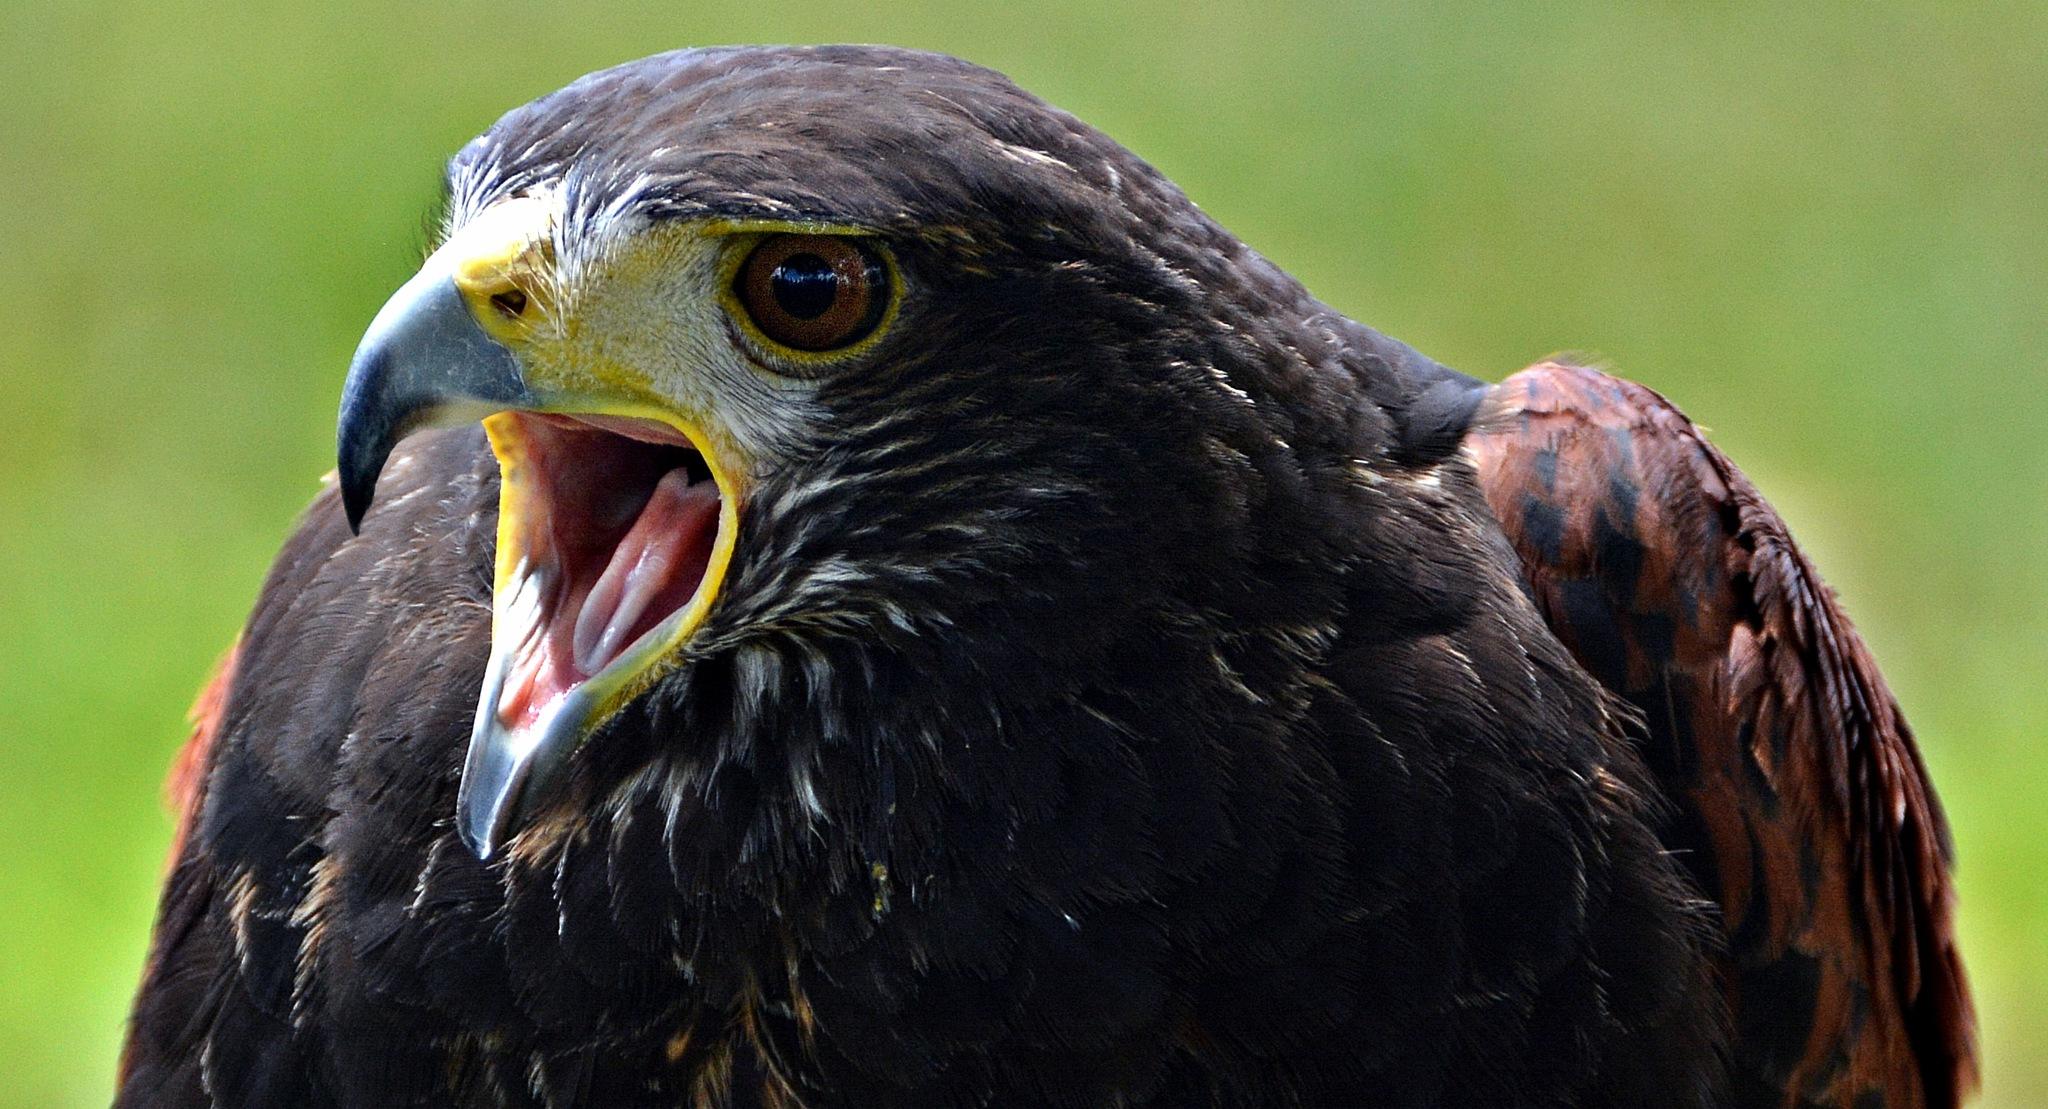 Hawk again by Fred Matos